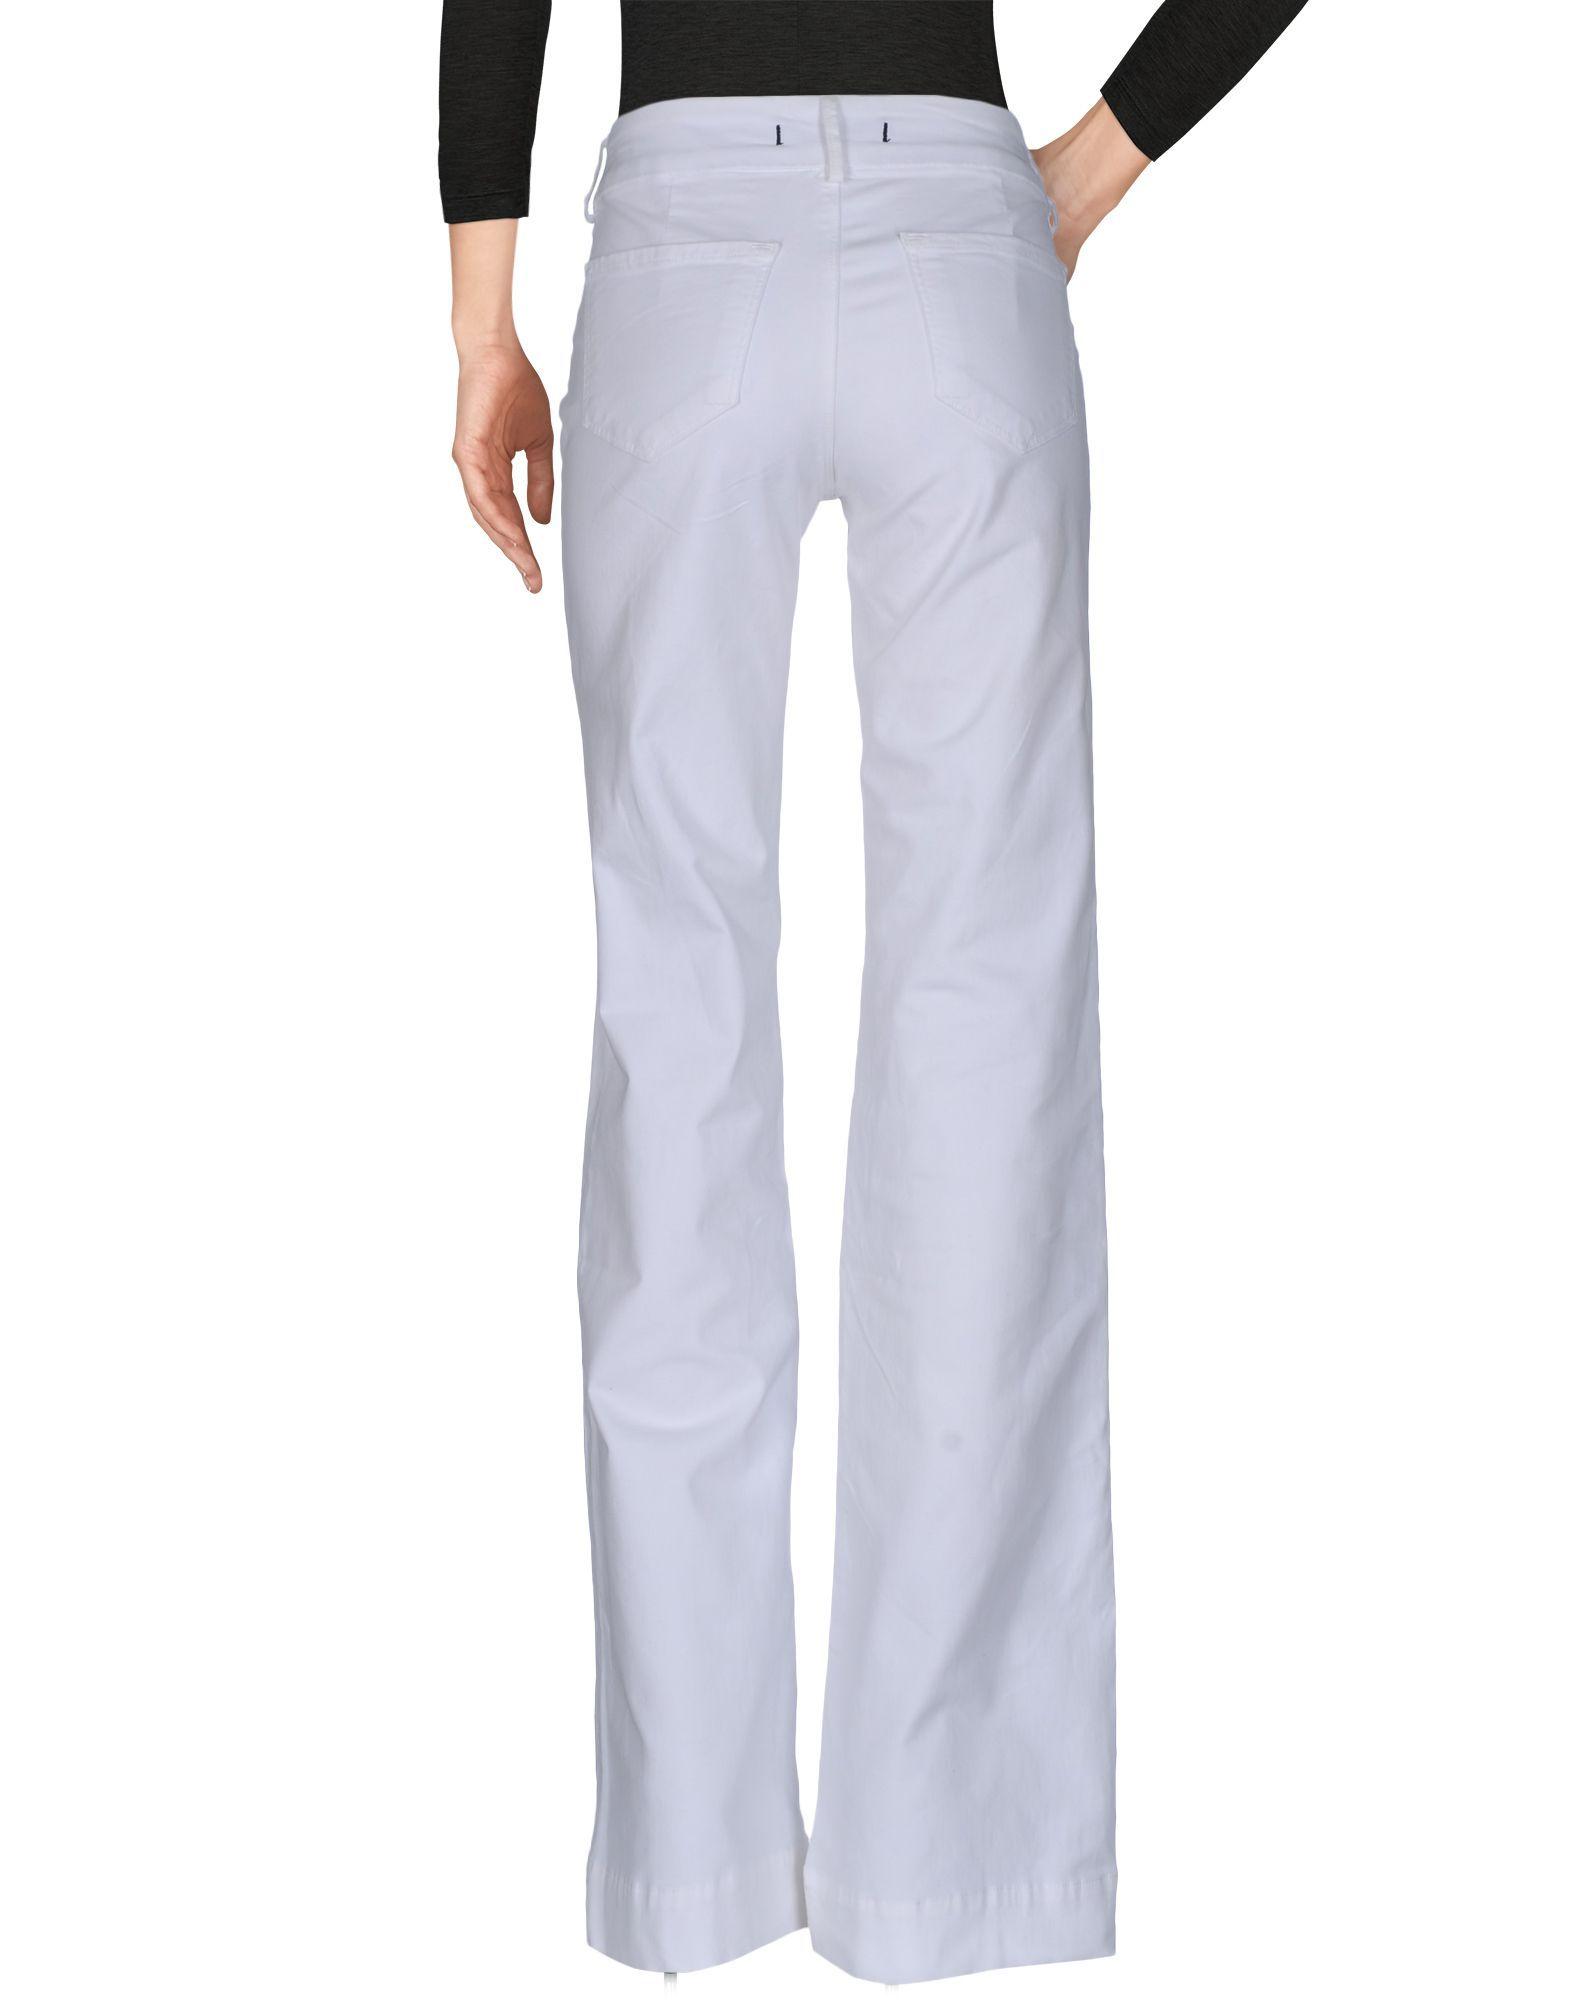 J Brand White Cotton Jeans